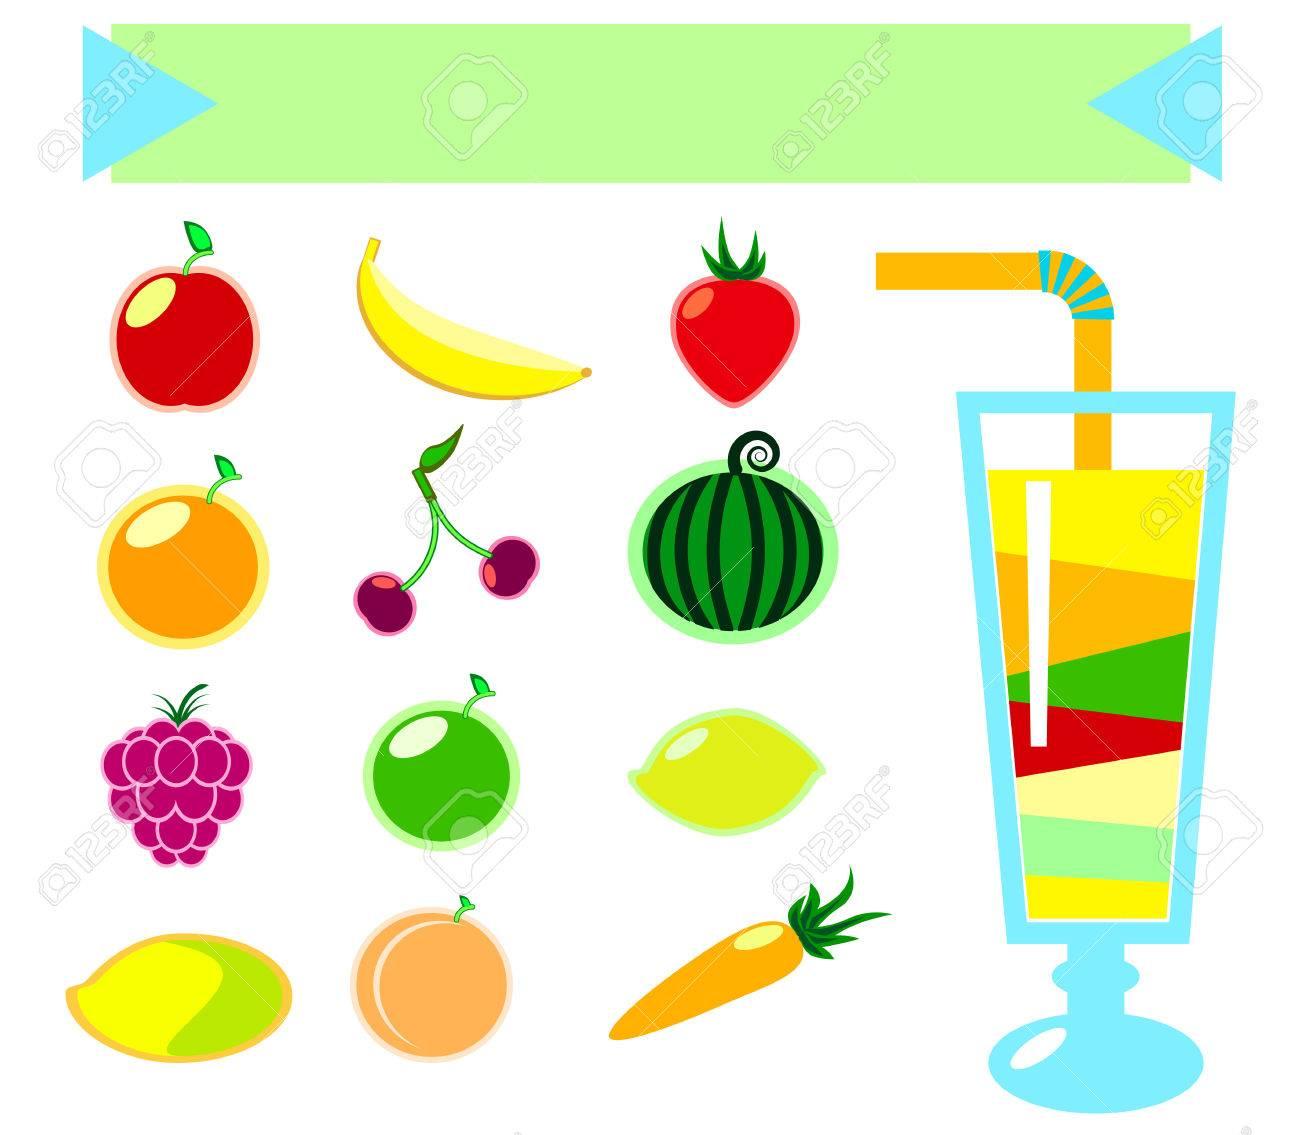 Vektor-Illustration Von Gesunden Getränken Und Obst In Flat, Obst ...